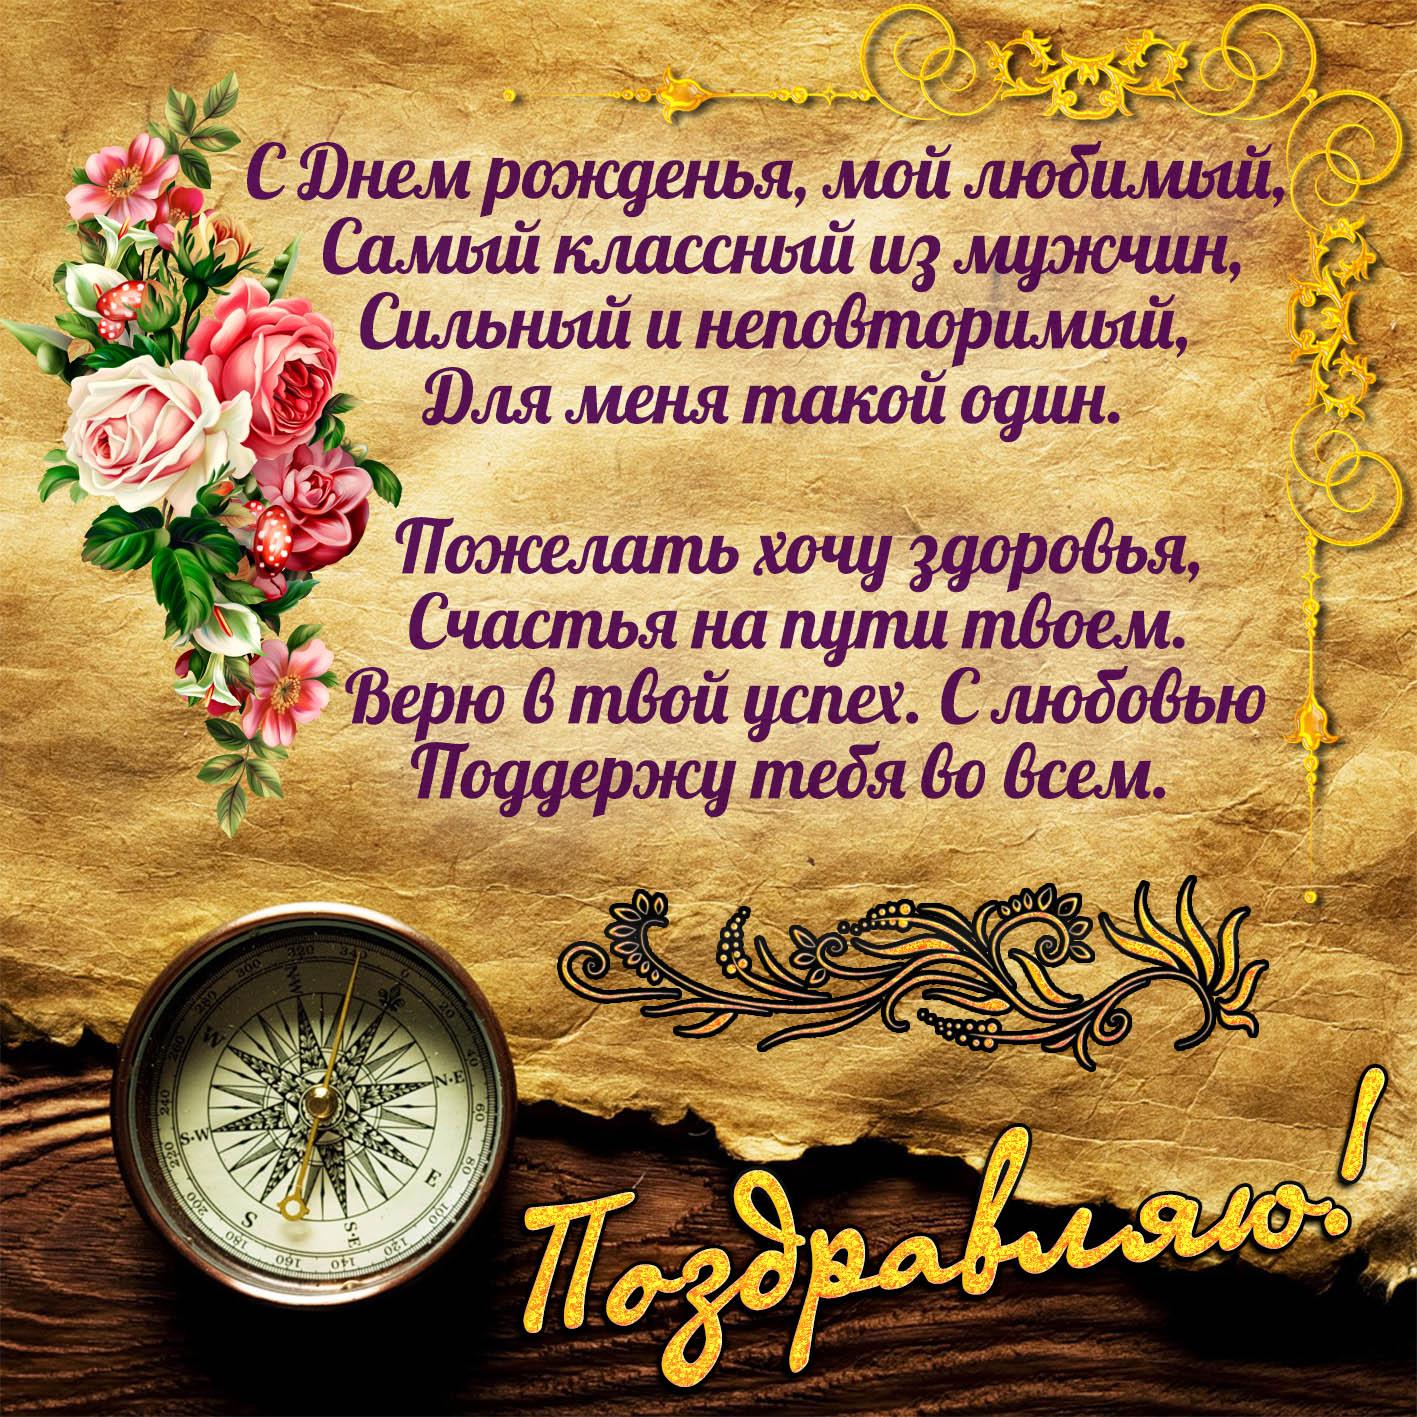 поздравления в честь дня рождения любимому